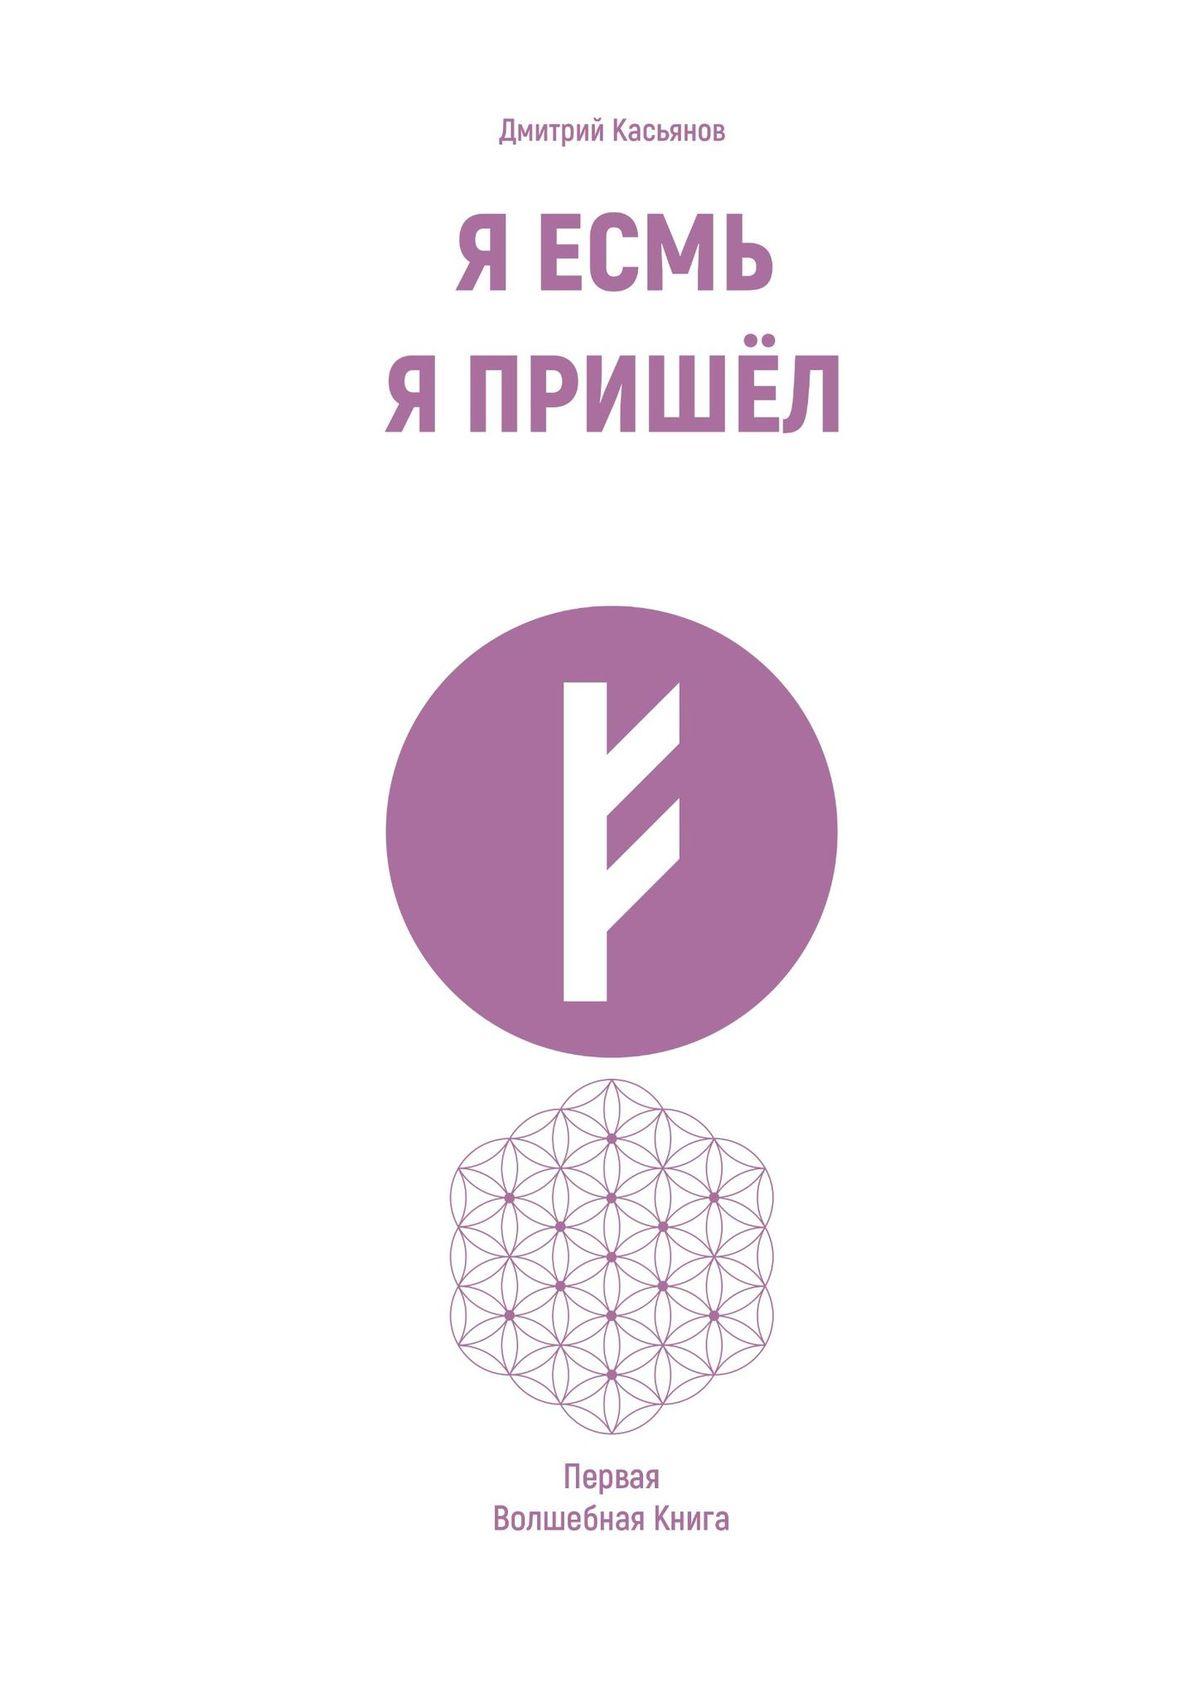 Дмитрий Касьянов Я Есмь. Я Пришёл. Первая Волшебная Книга роман неумоев рок всибири книга первая как я вэто вляпался